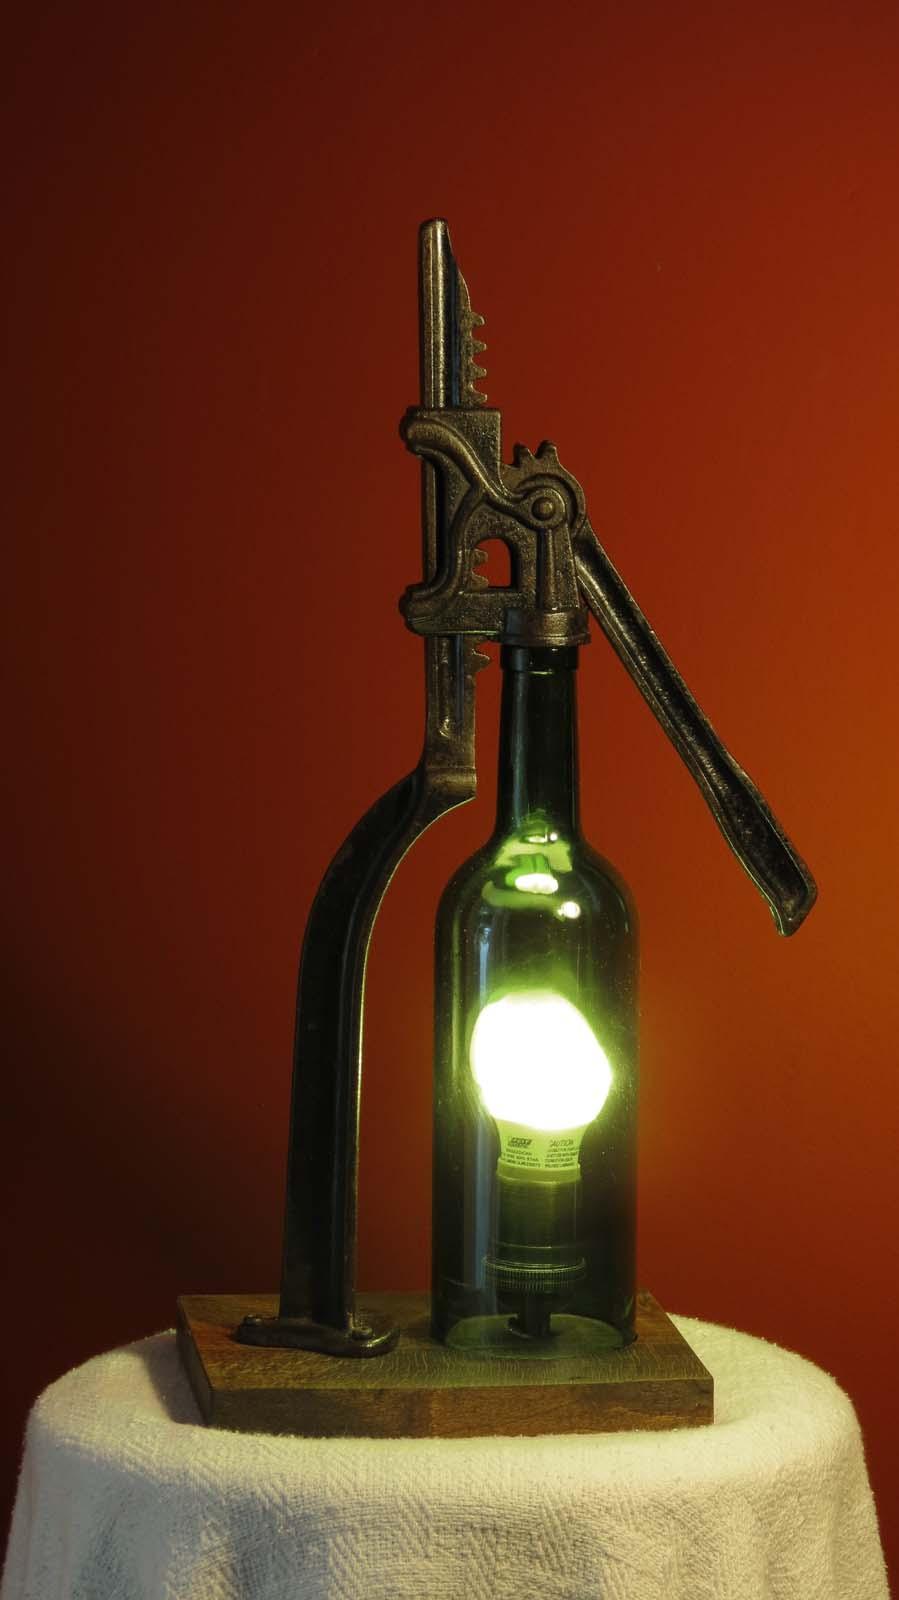 Vintage Bottle Capper Lamp WEBBottleCapper